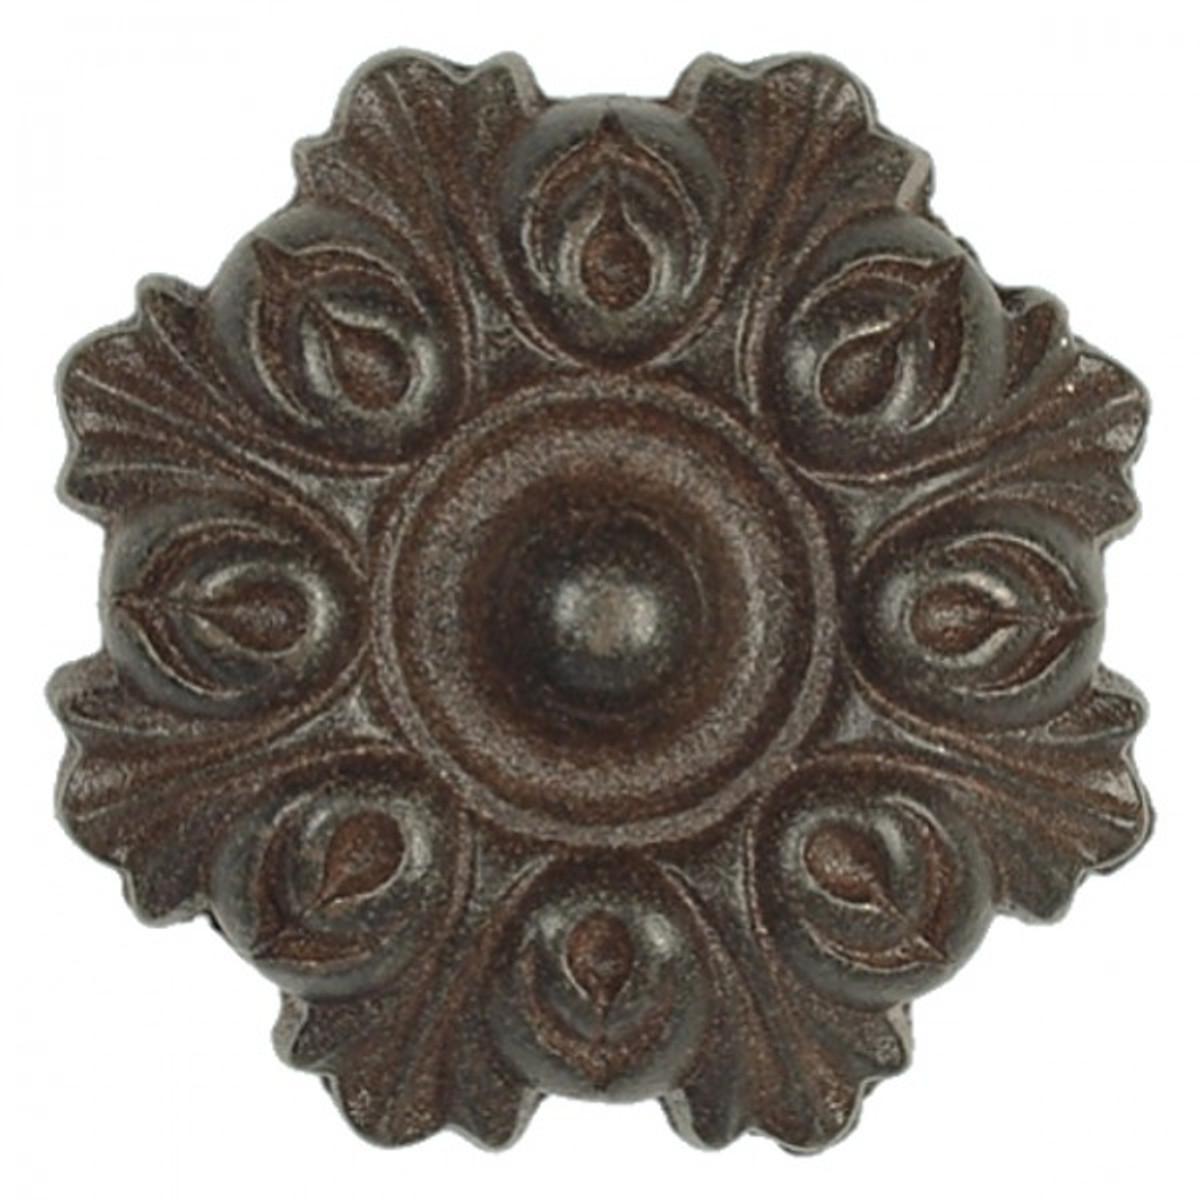 Antike Möbelbeschläge runde Rosette Eisenbeschlag für Möbel und Türen. Nostalgische Verzierung aus Eisen.